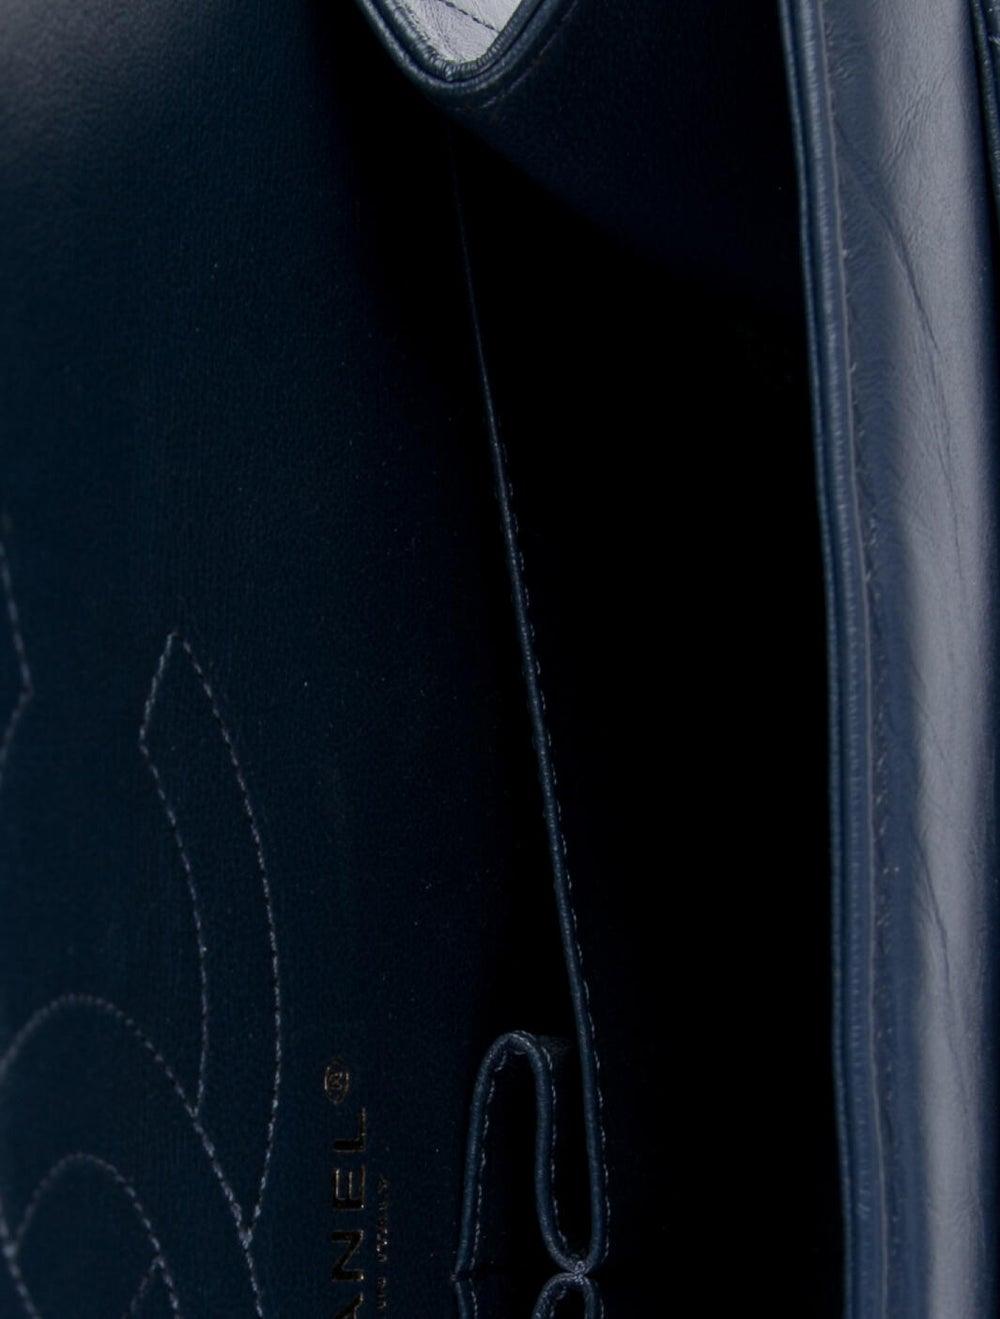 Chanel Chevron Reissue 226 Double Flap Bag Blue - image 5